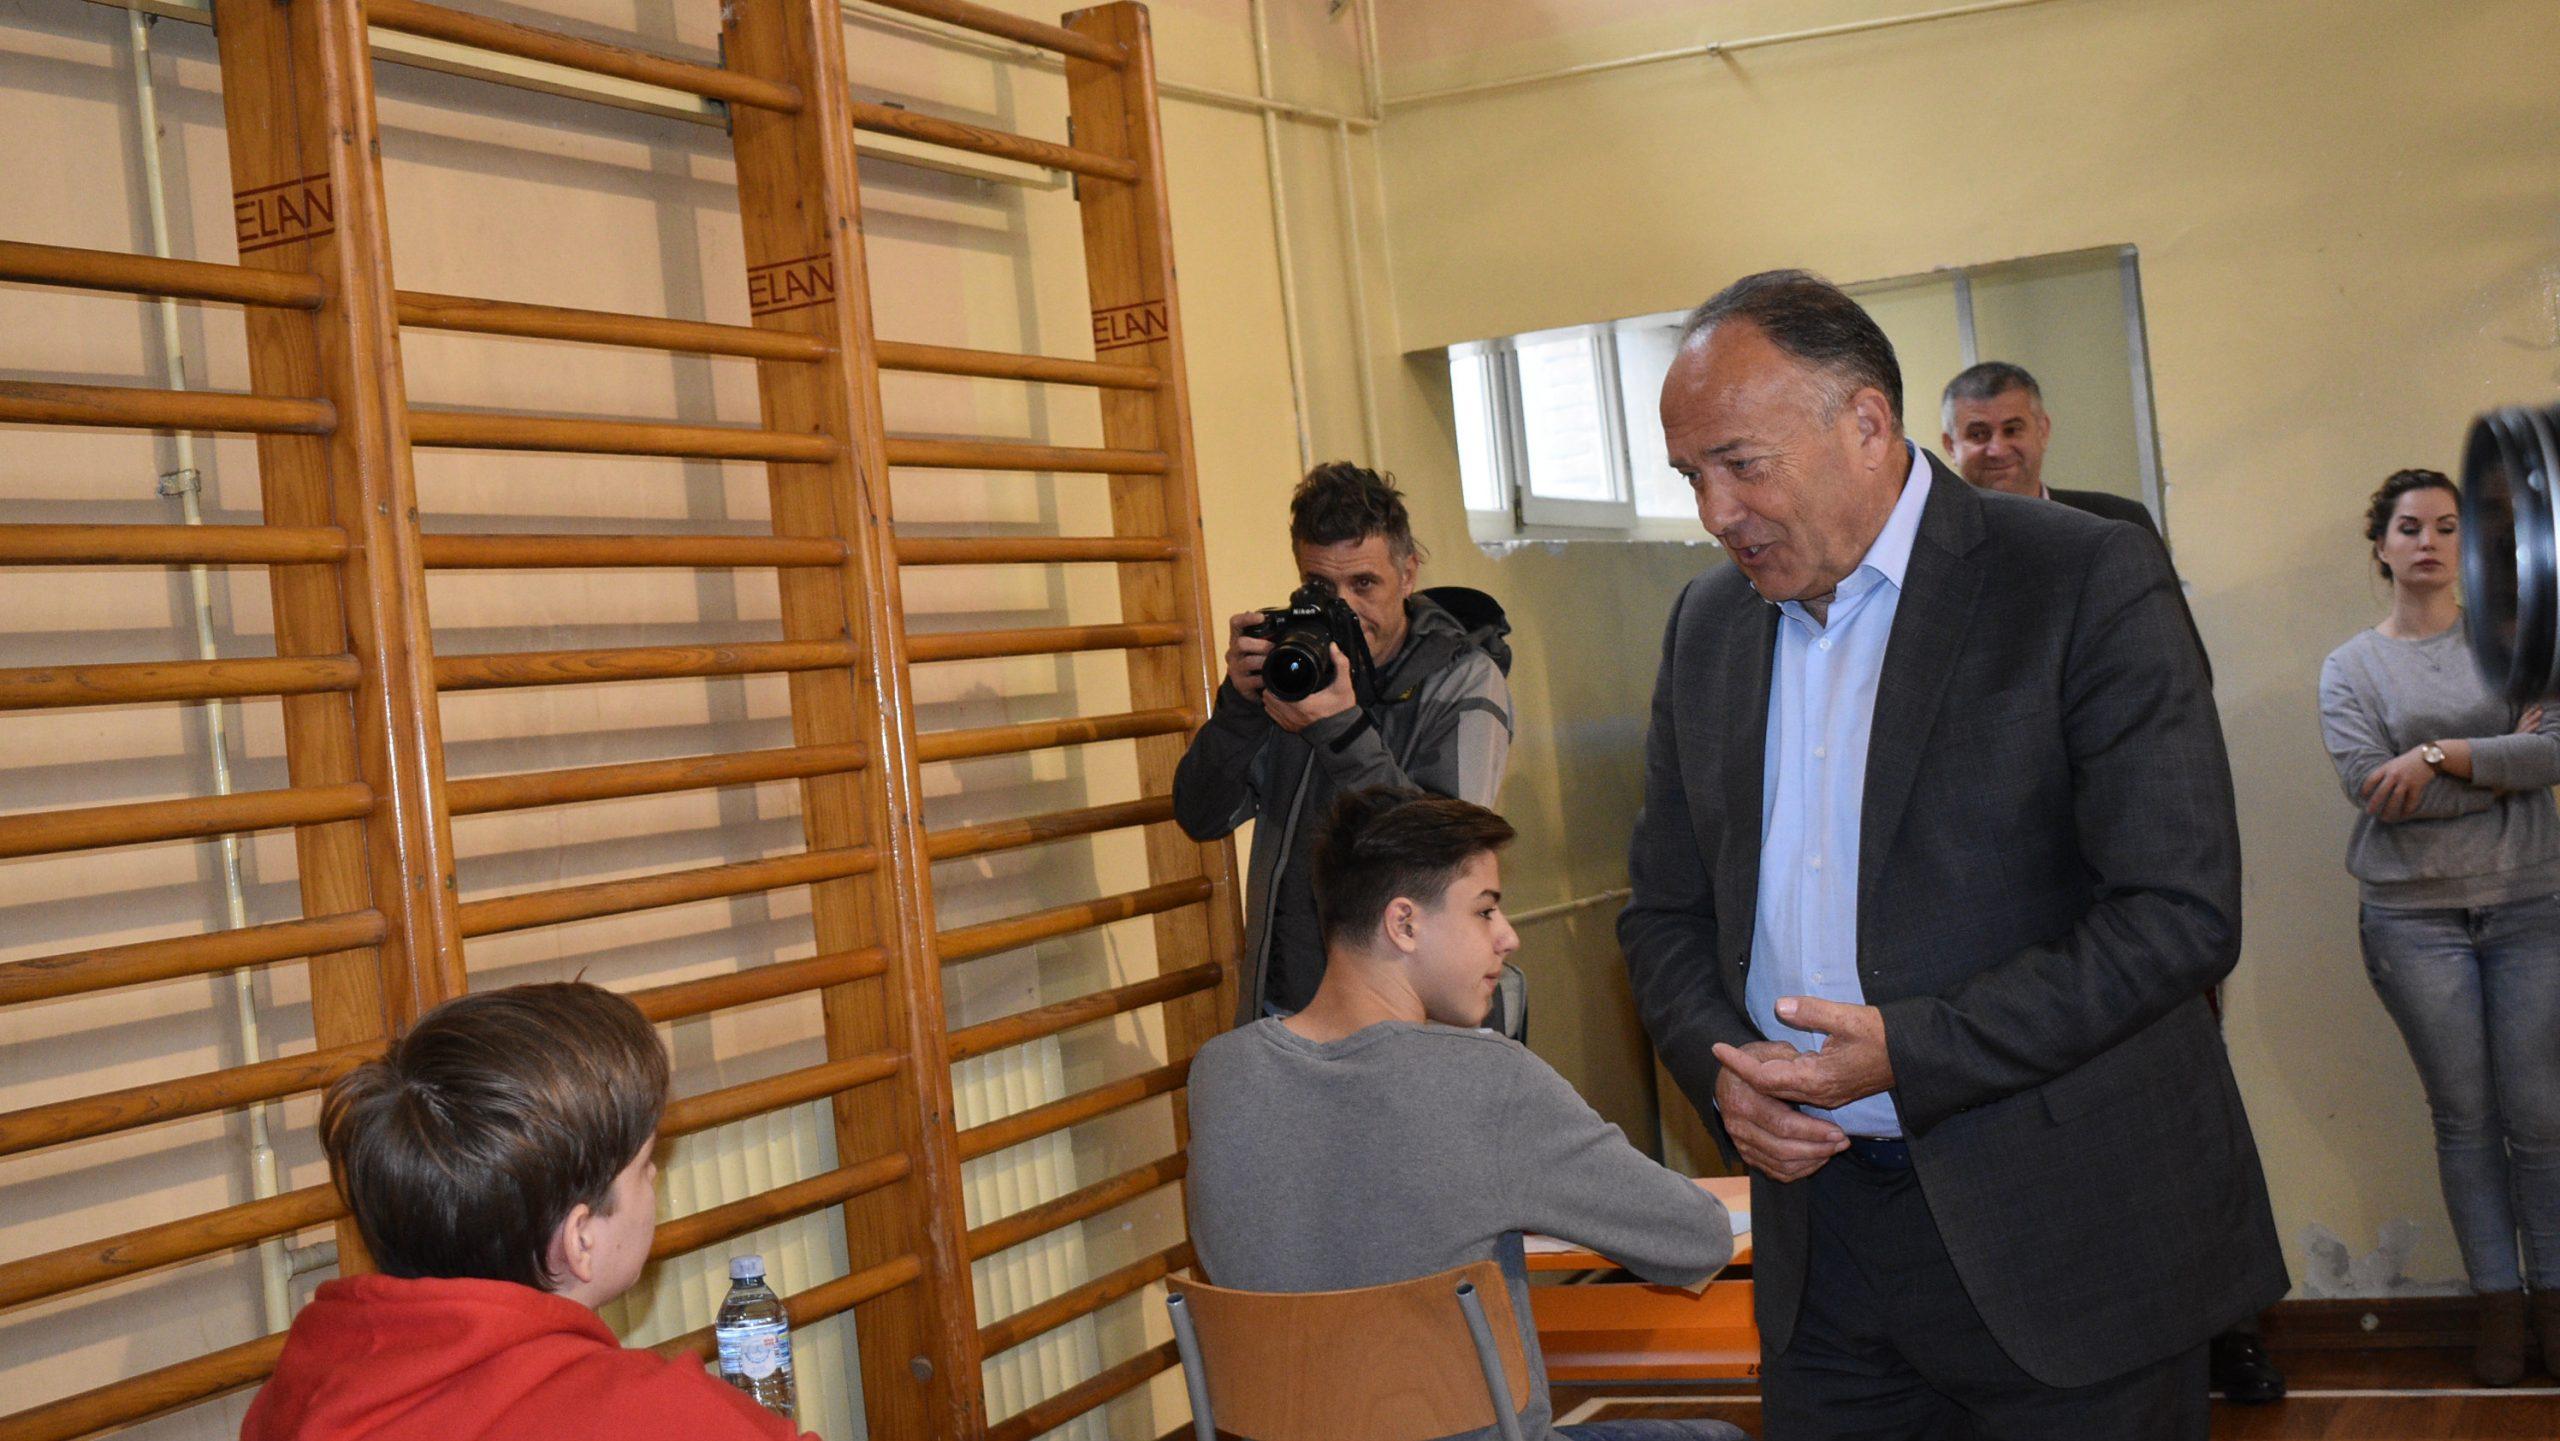 Šarčević: Ponudio sam ostavku, nije ovo Hag da postoji komandna odgovornost 1